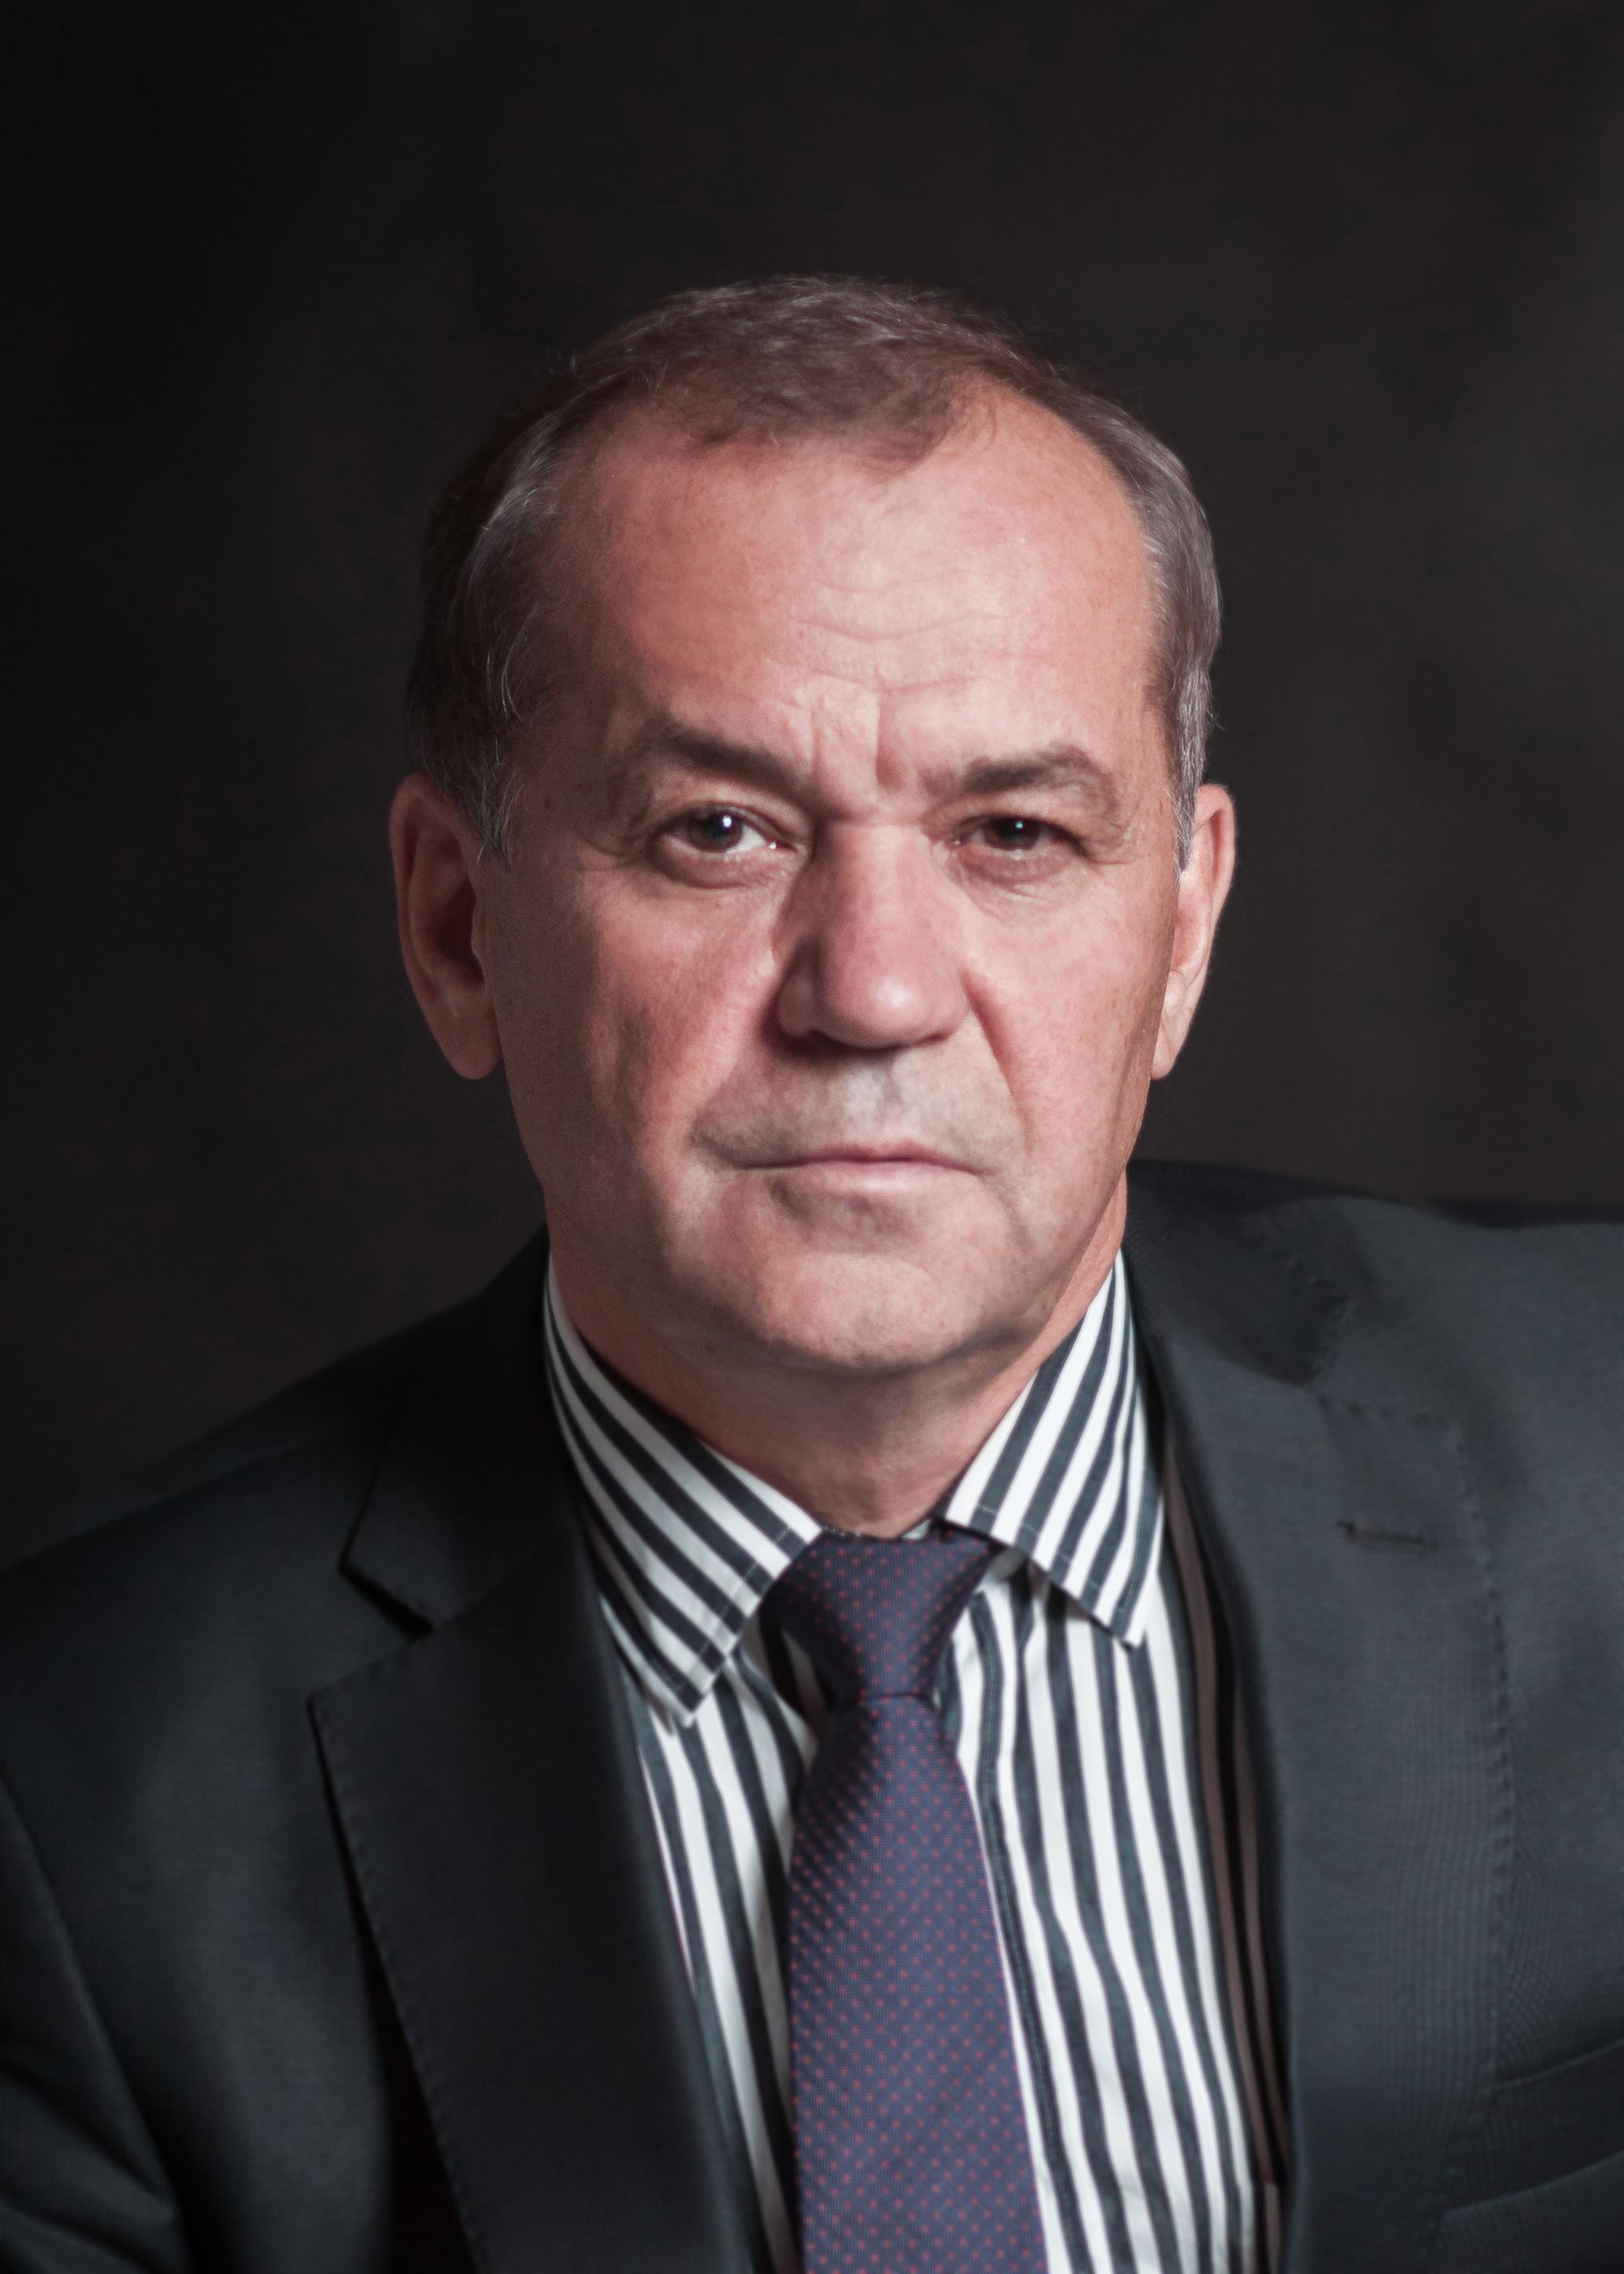 Глава Новоуральска подал заявление об отставке